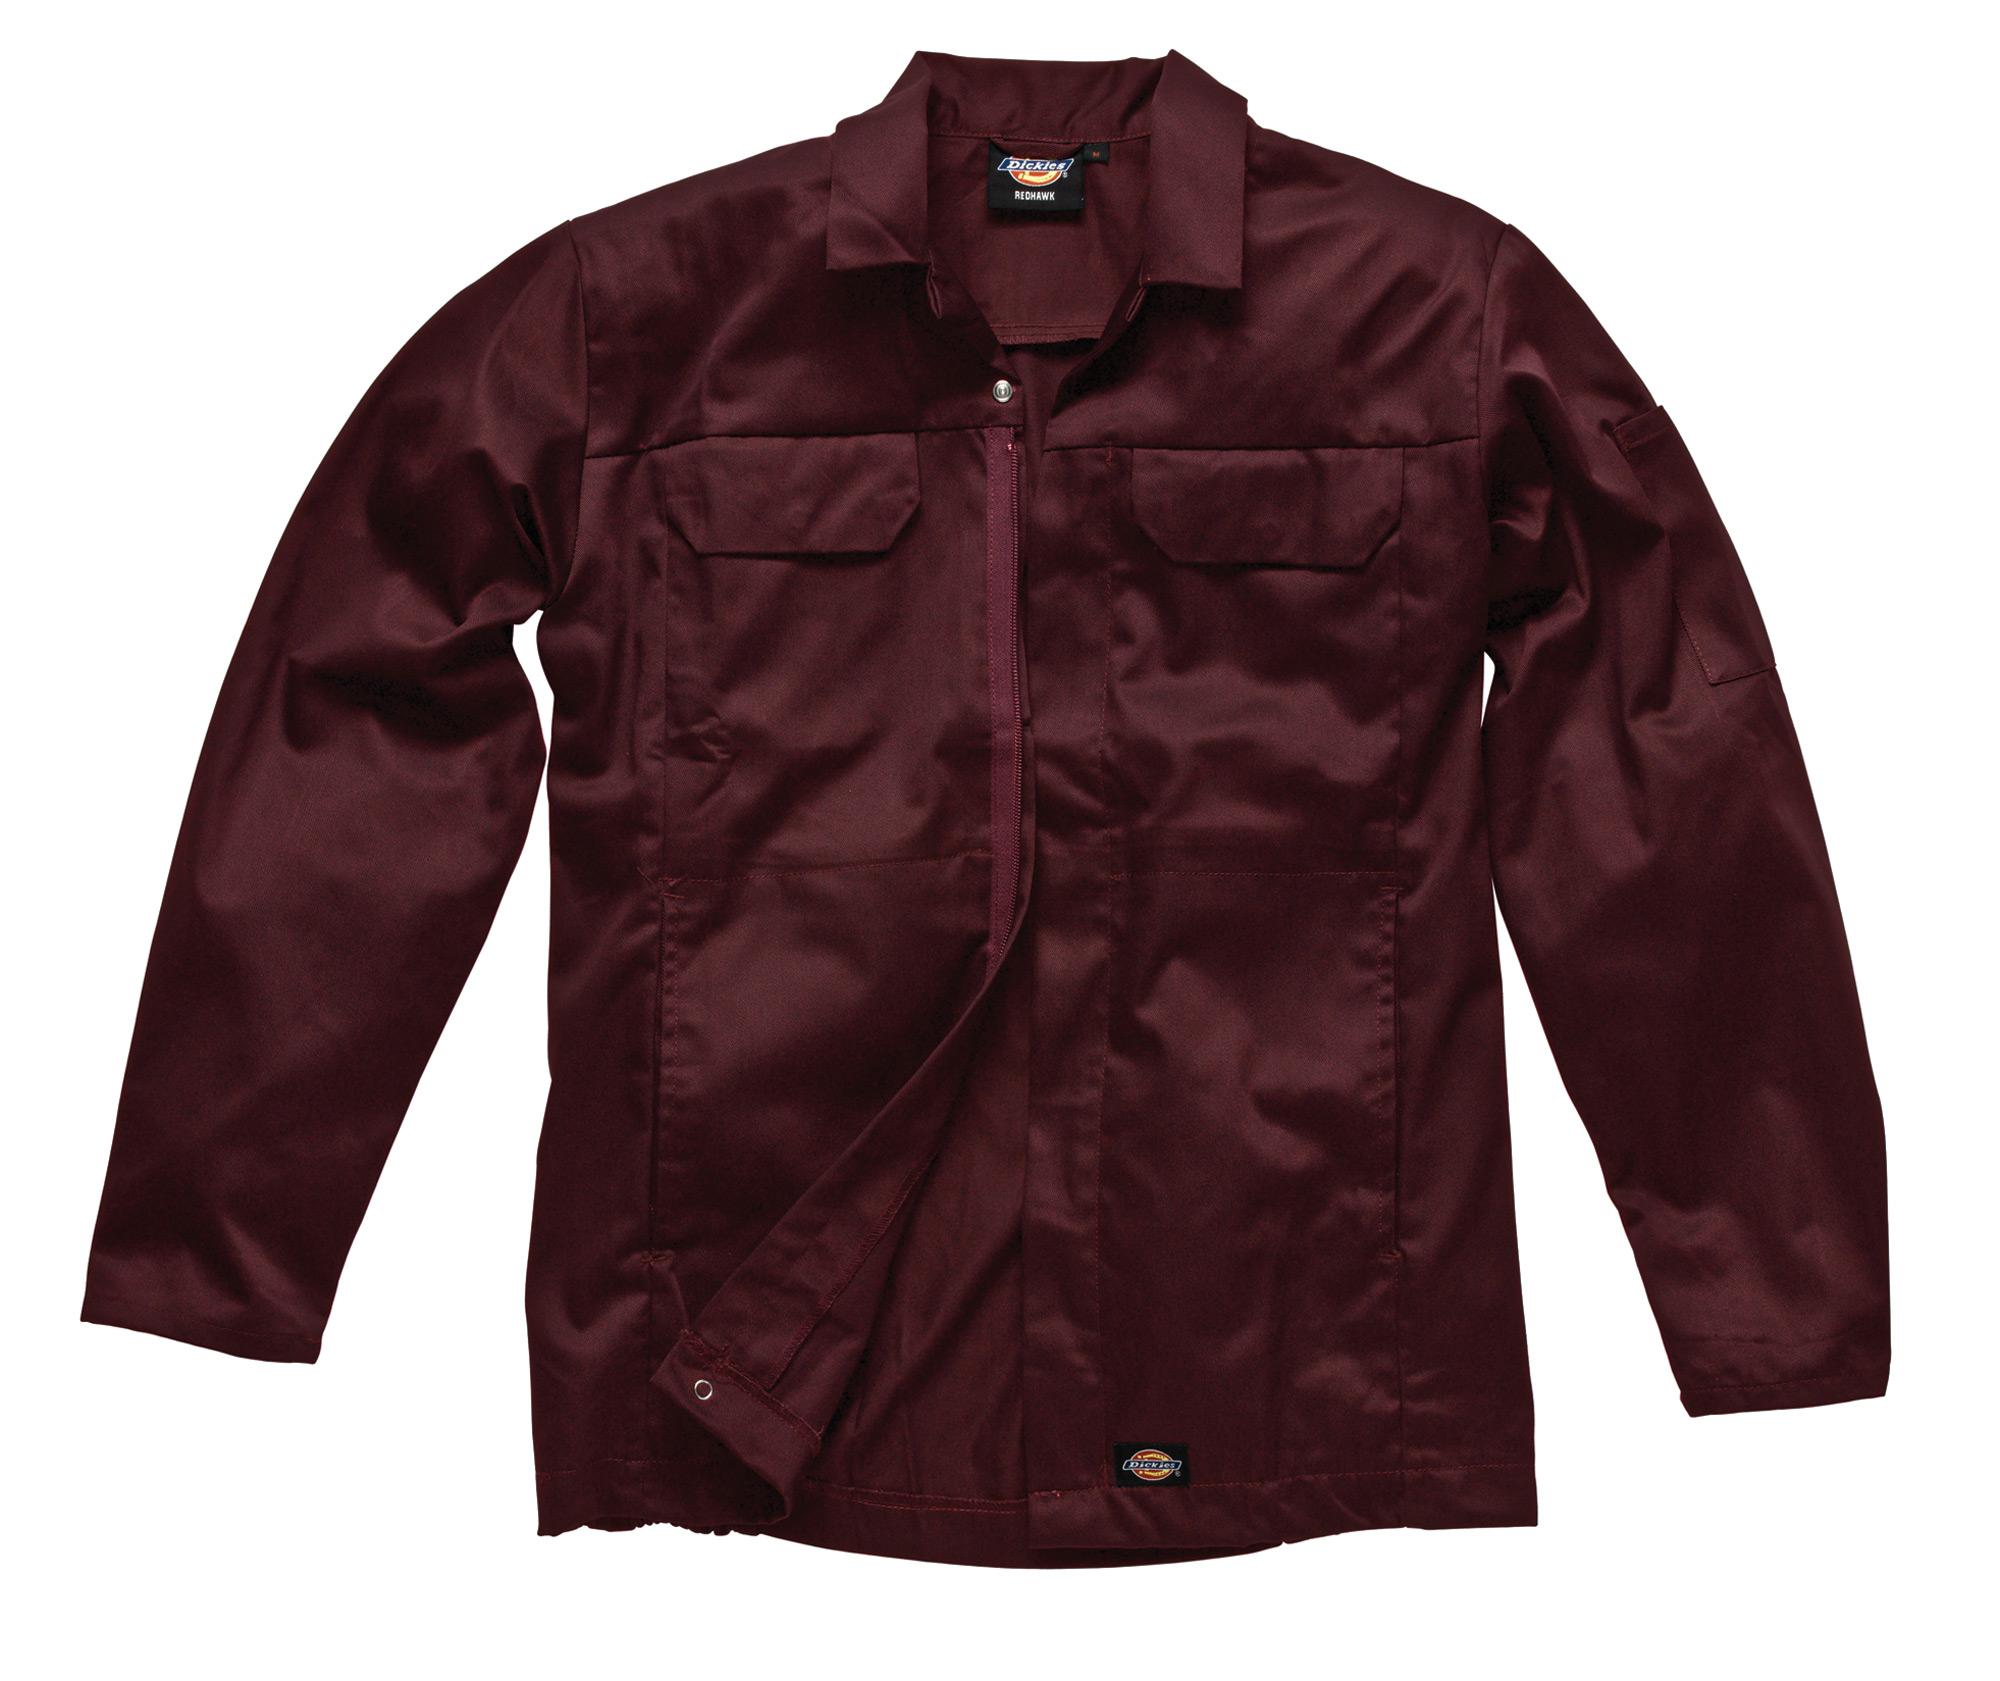 Wd954 Dickies Work Jacket